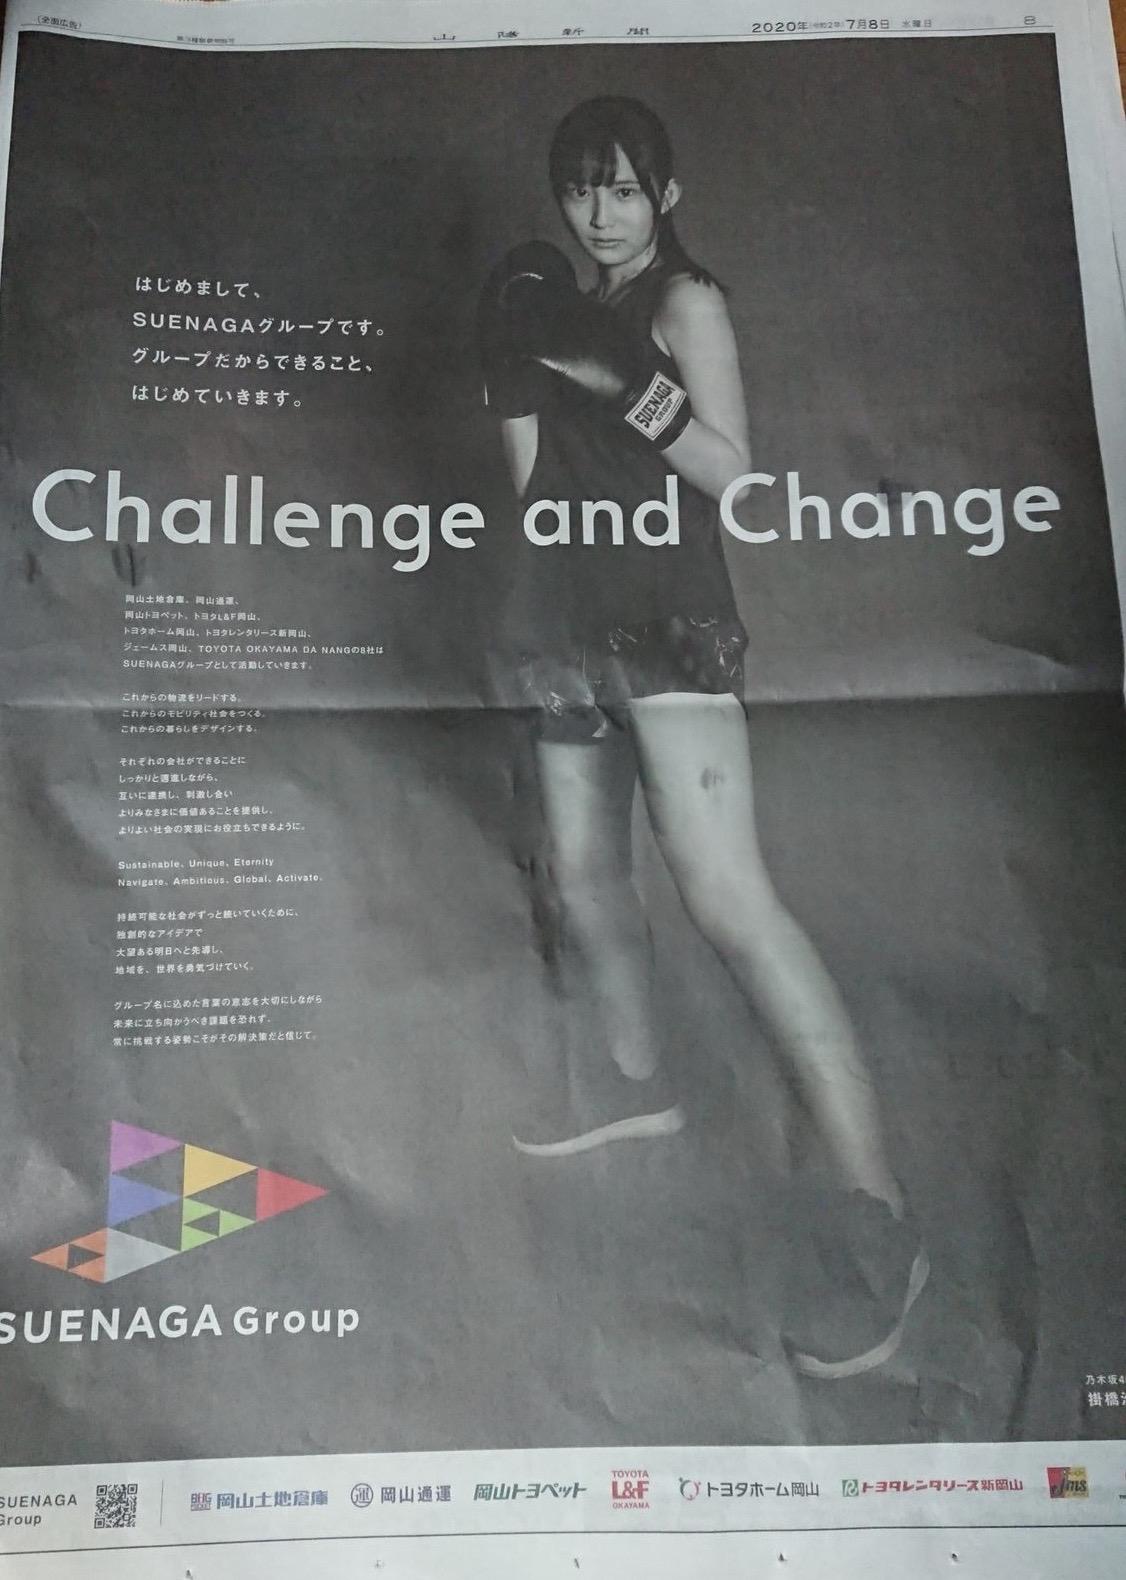 山陽新聞のSUENAGAグループの一面広告に乃木坂46掛橋沙耶香